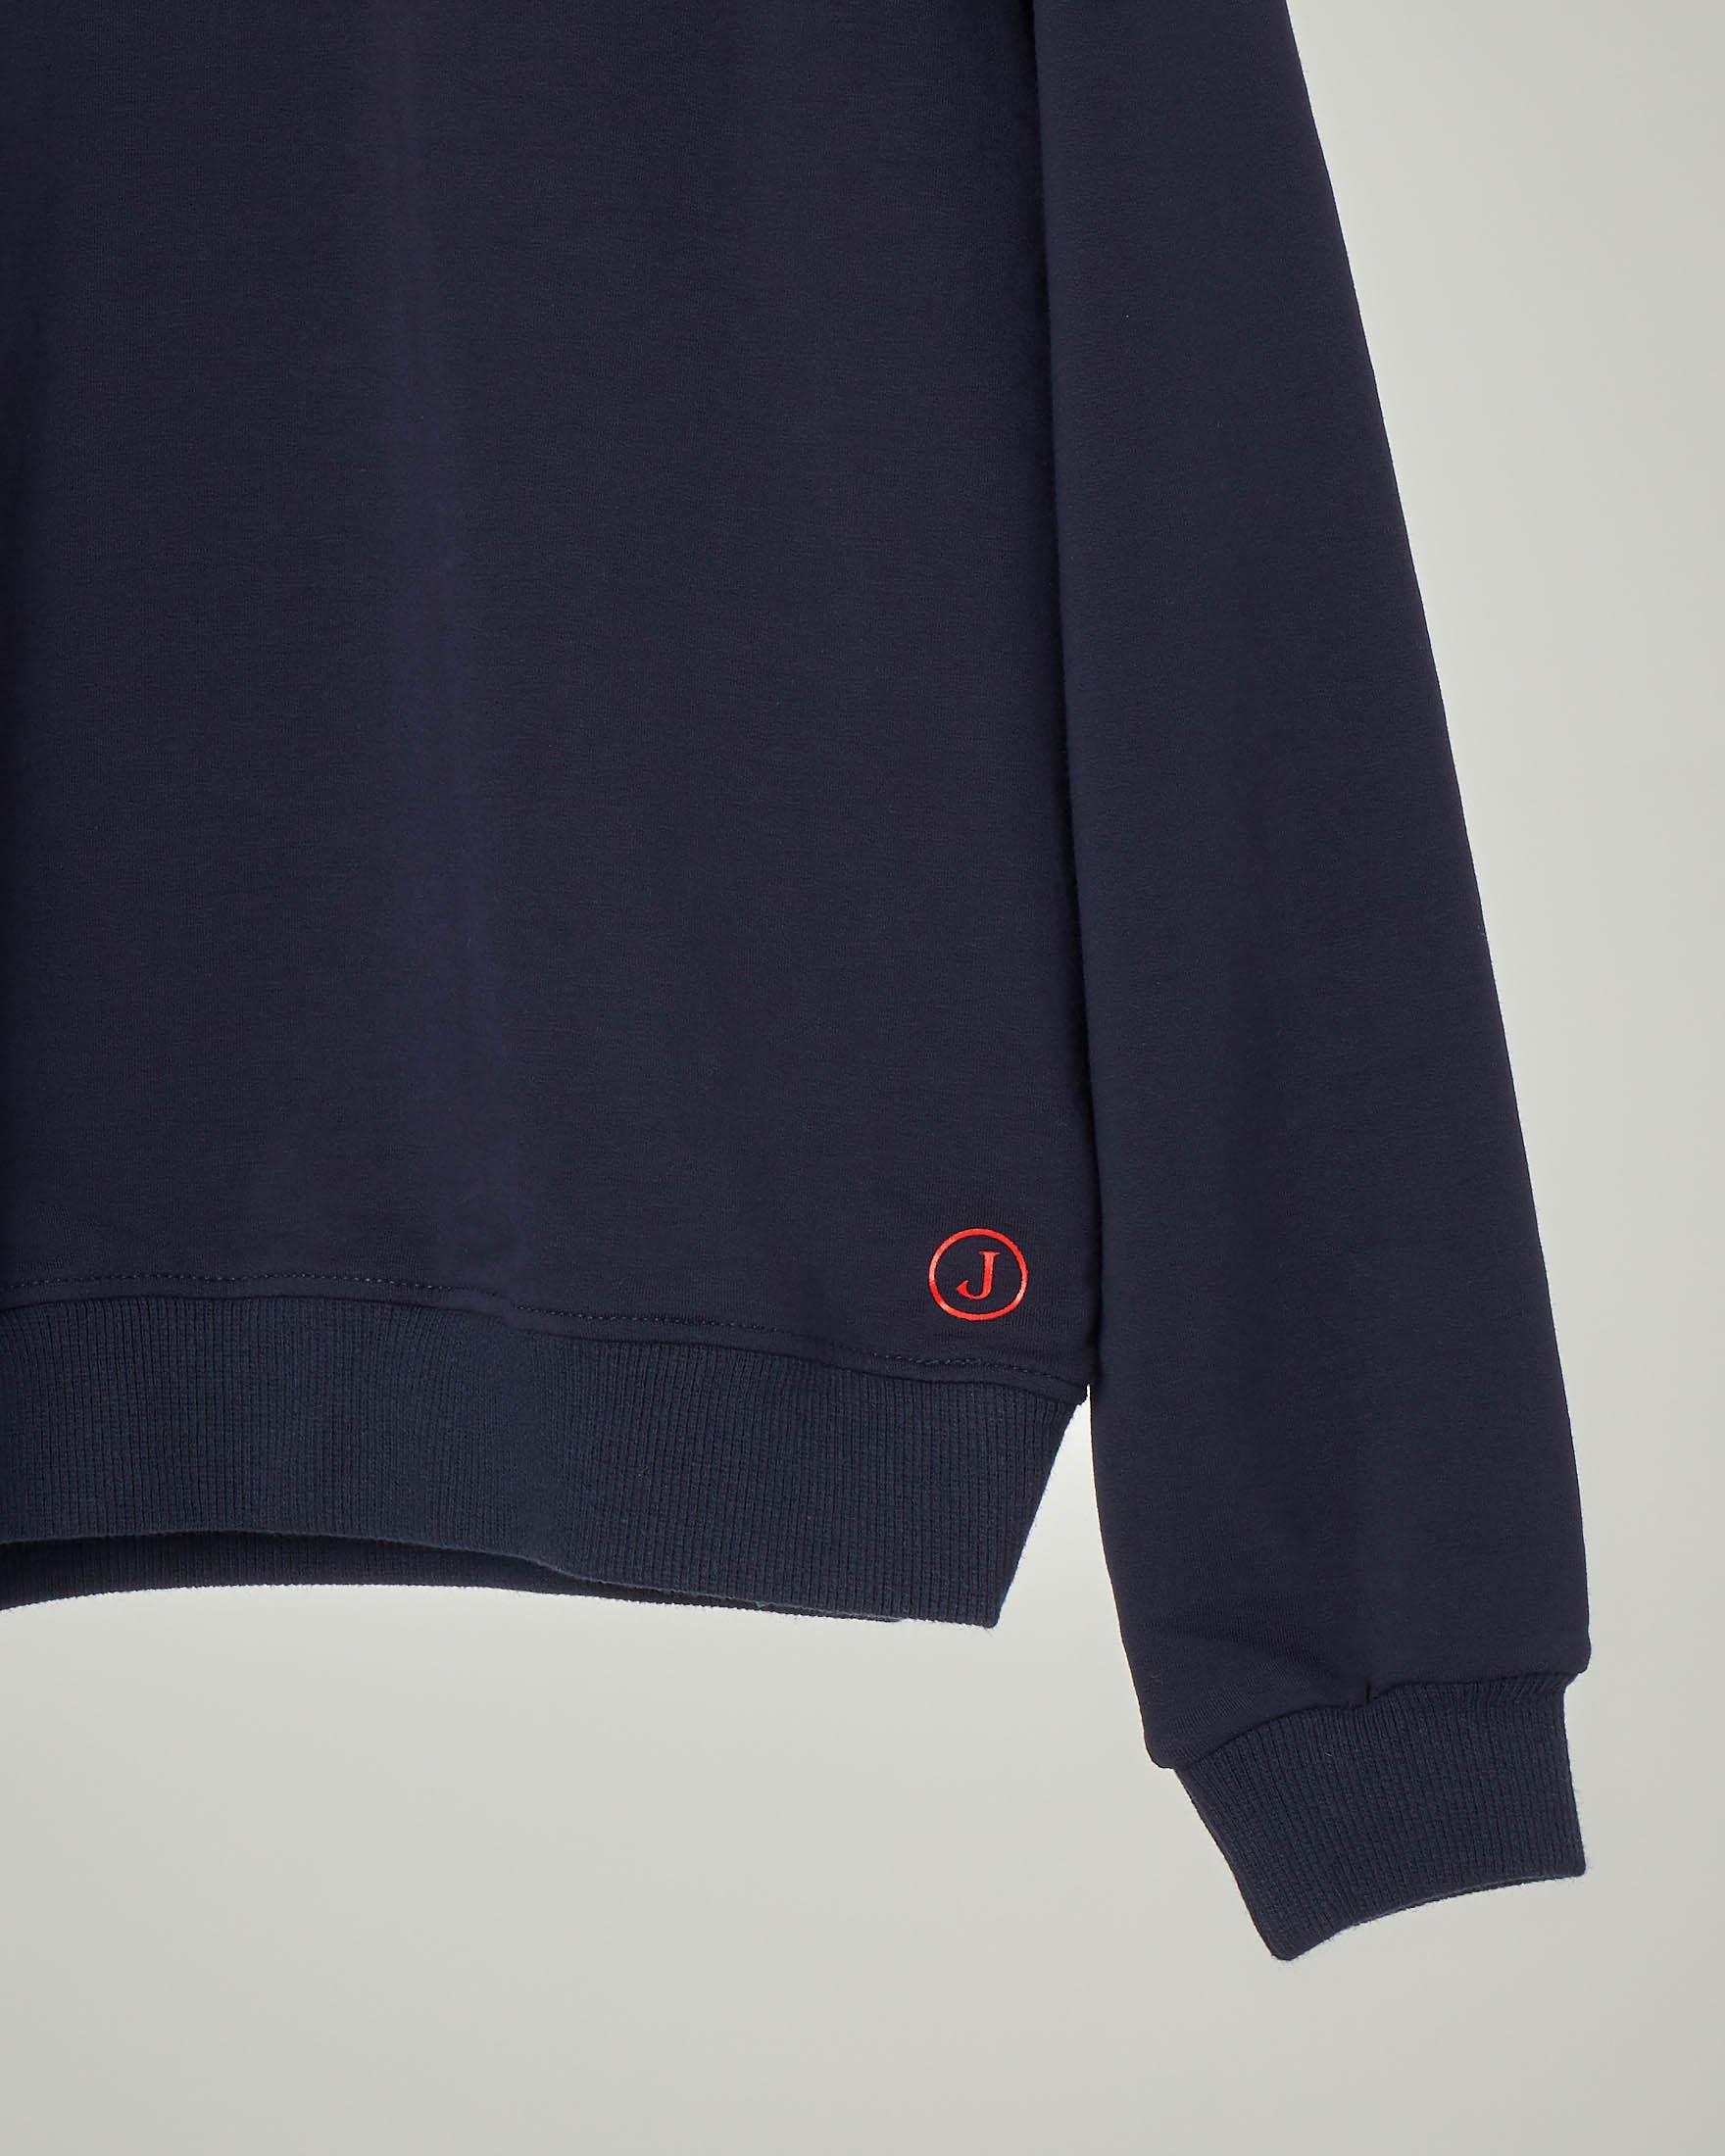 Felpa girocollo blu con logo rosso 10-16 anni